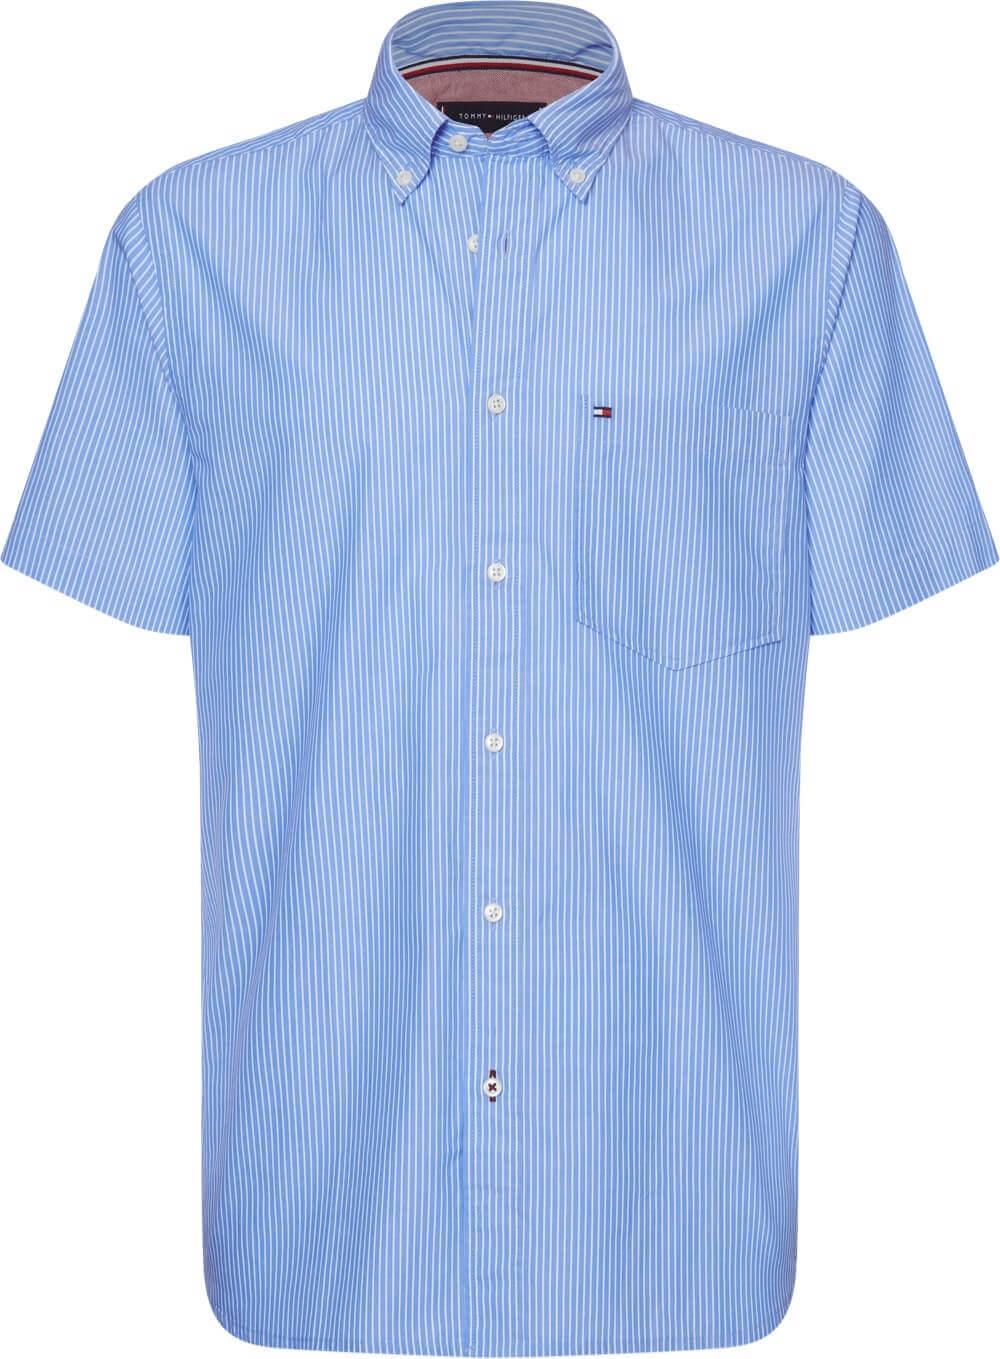 Tommy Hilfiger Stripe Shirt | Davids Of Haslemere